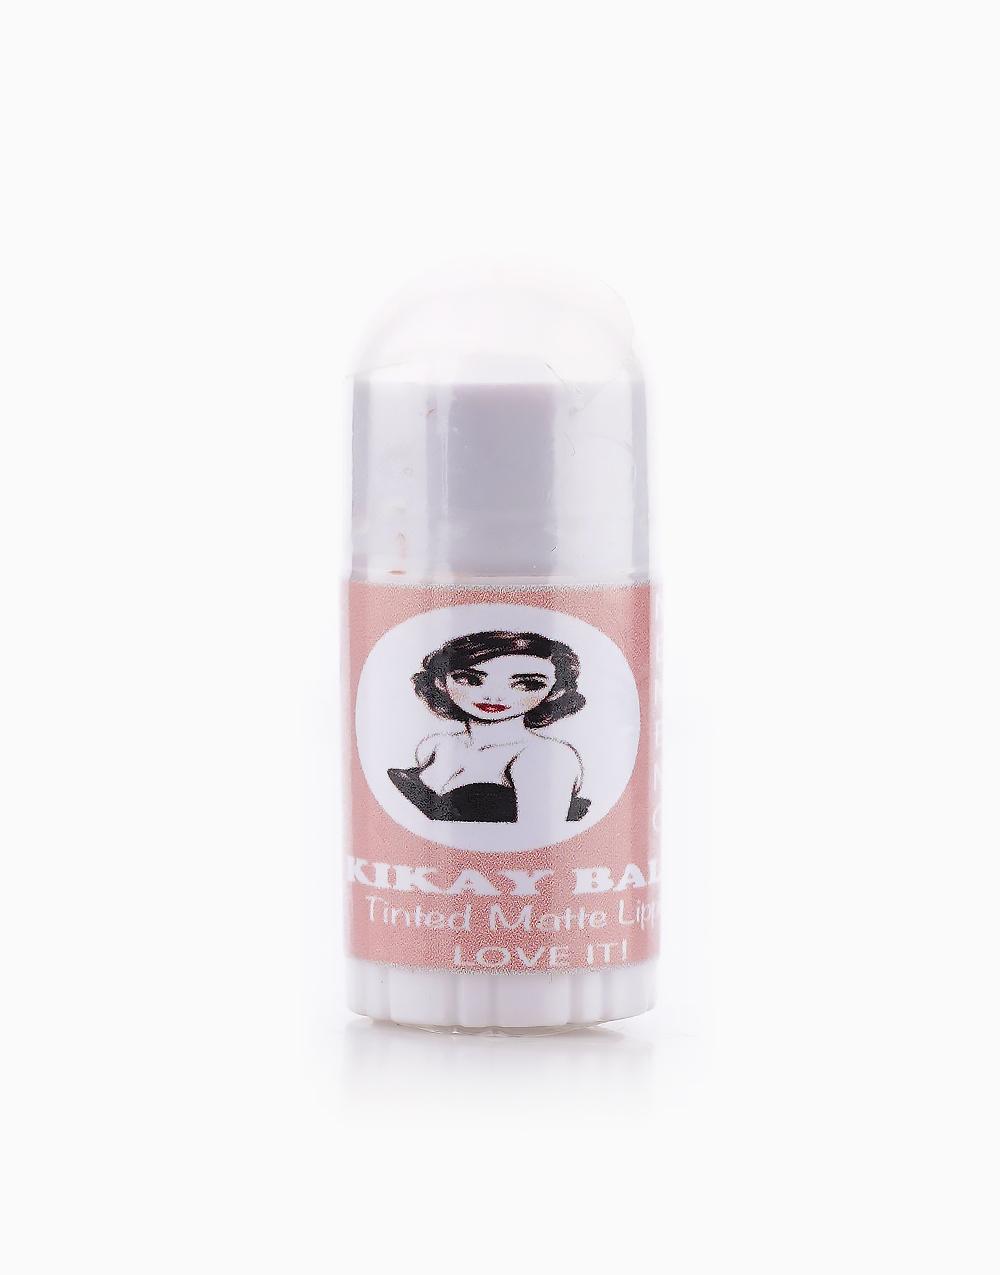 Kikay Balm Tinted Matte Lippie Mini by Neneng | Love It! (Peach)